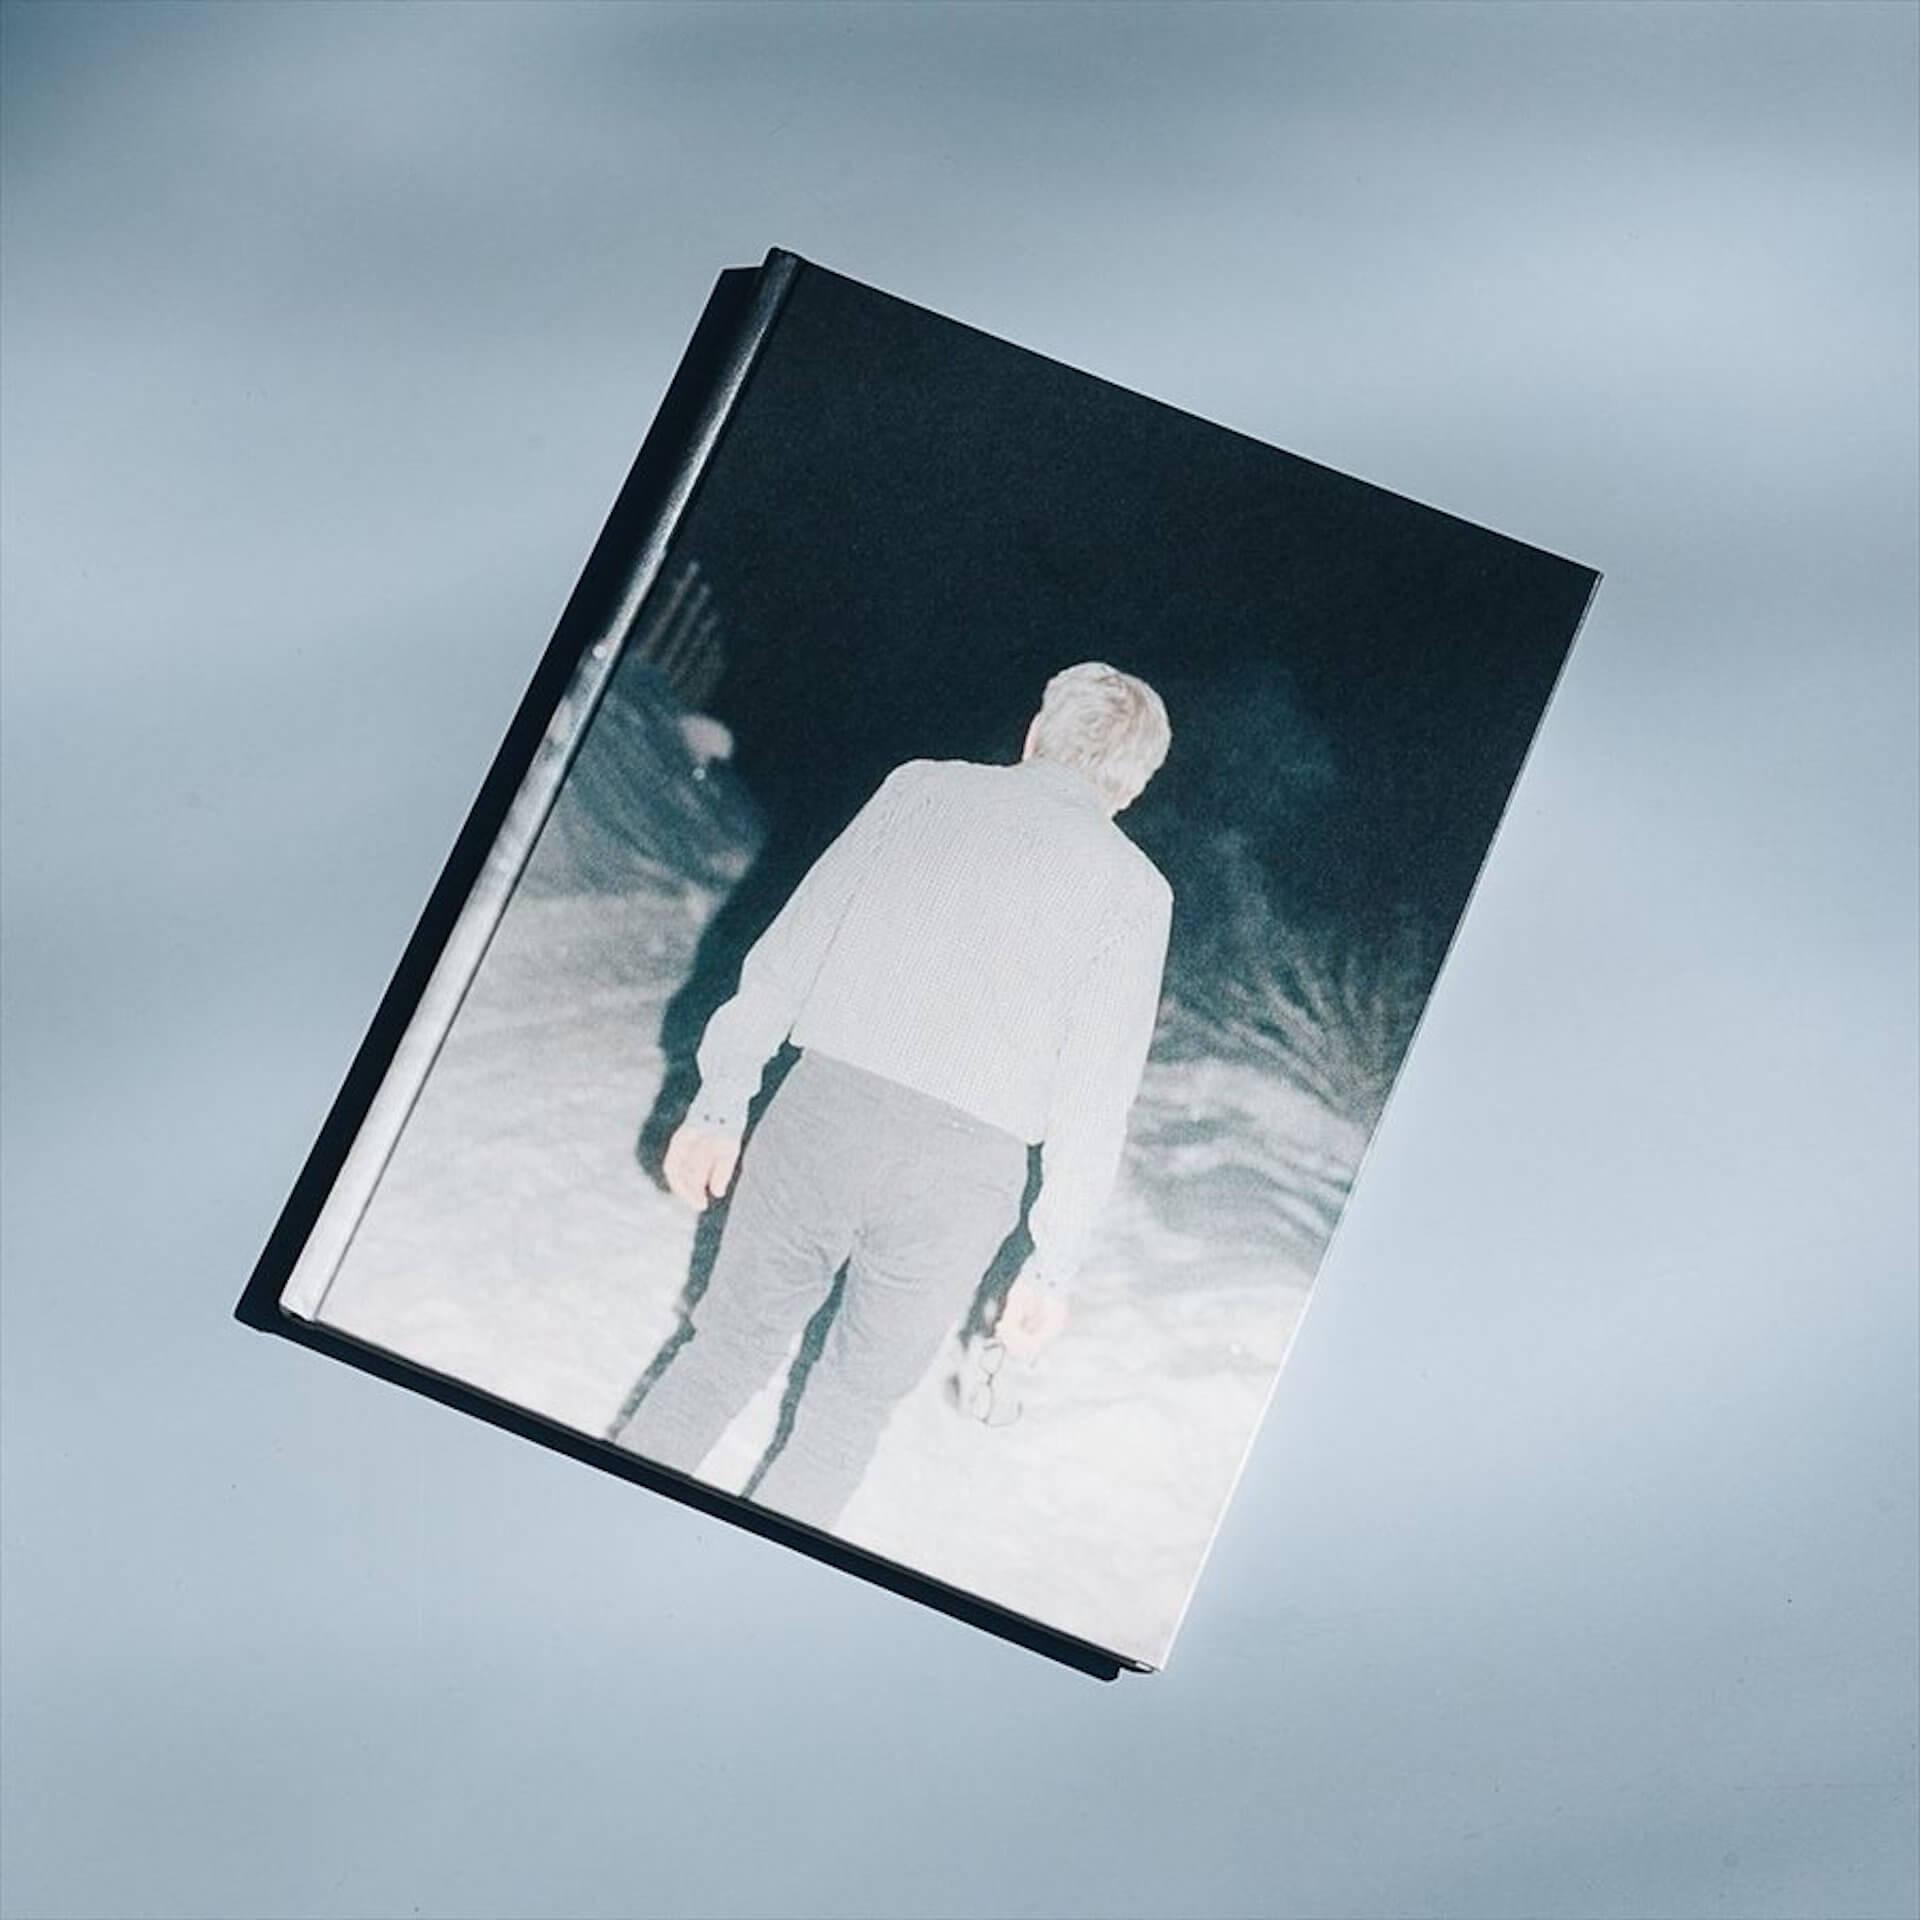 アートブックノススメ|Qetic編集部が選ぶ5冊/Roni Ahn 他 column210916_artbook-05